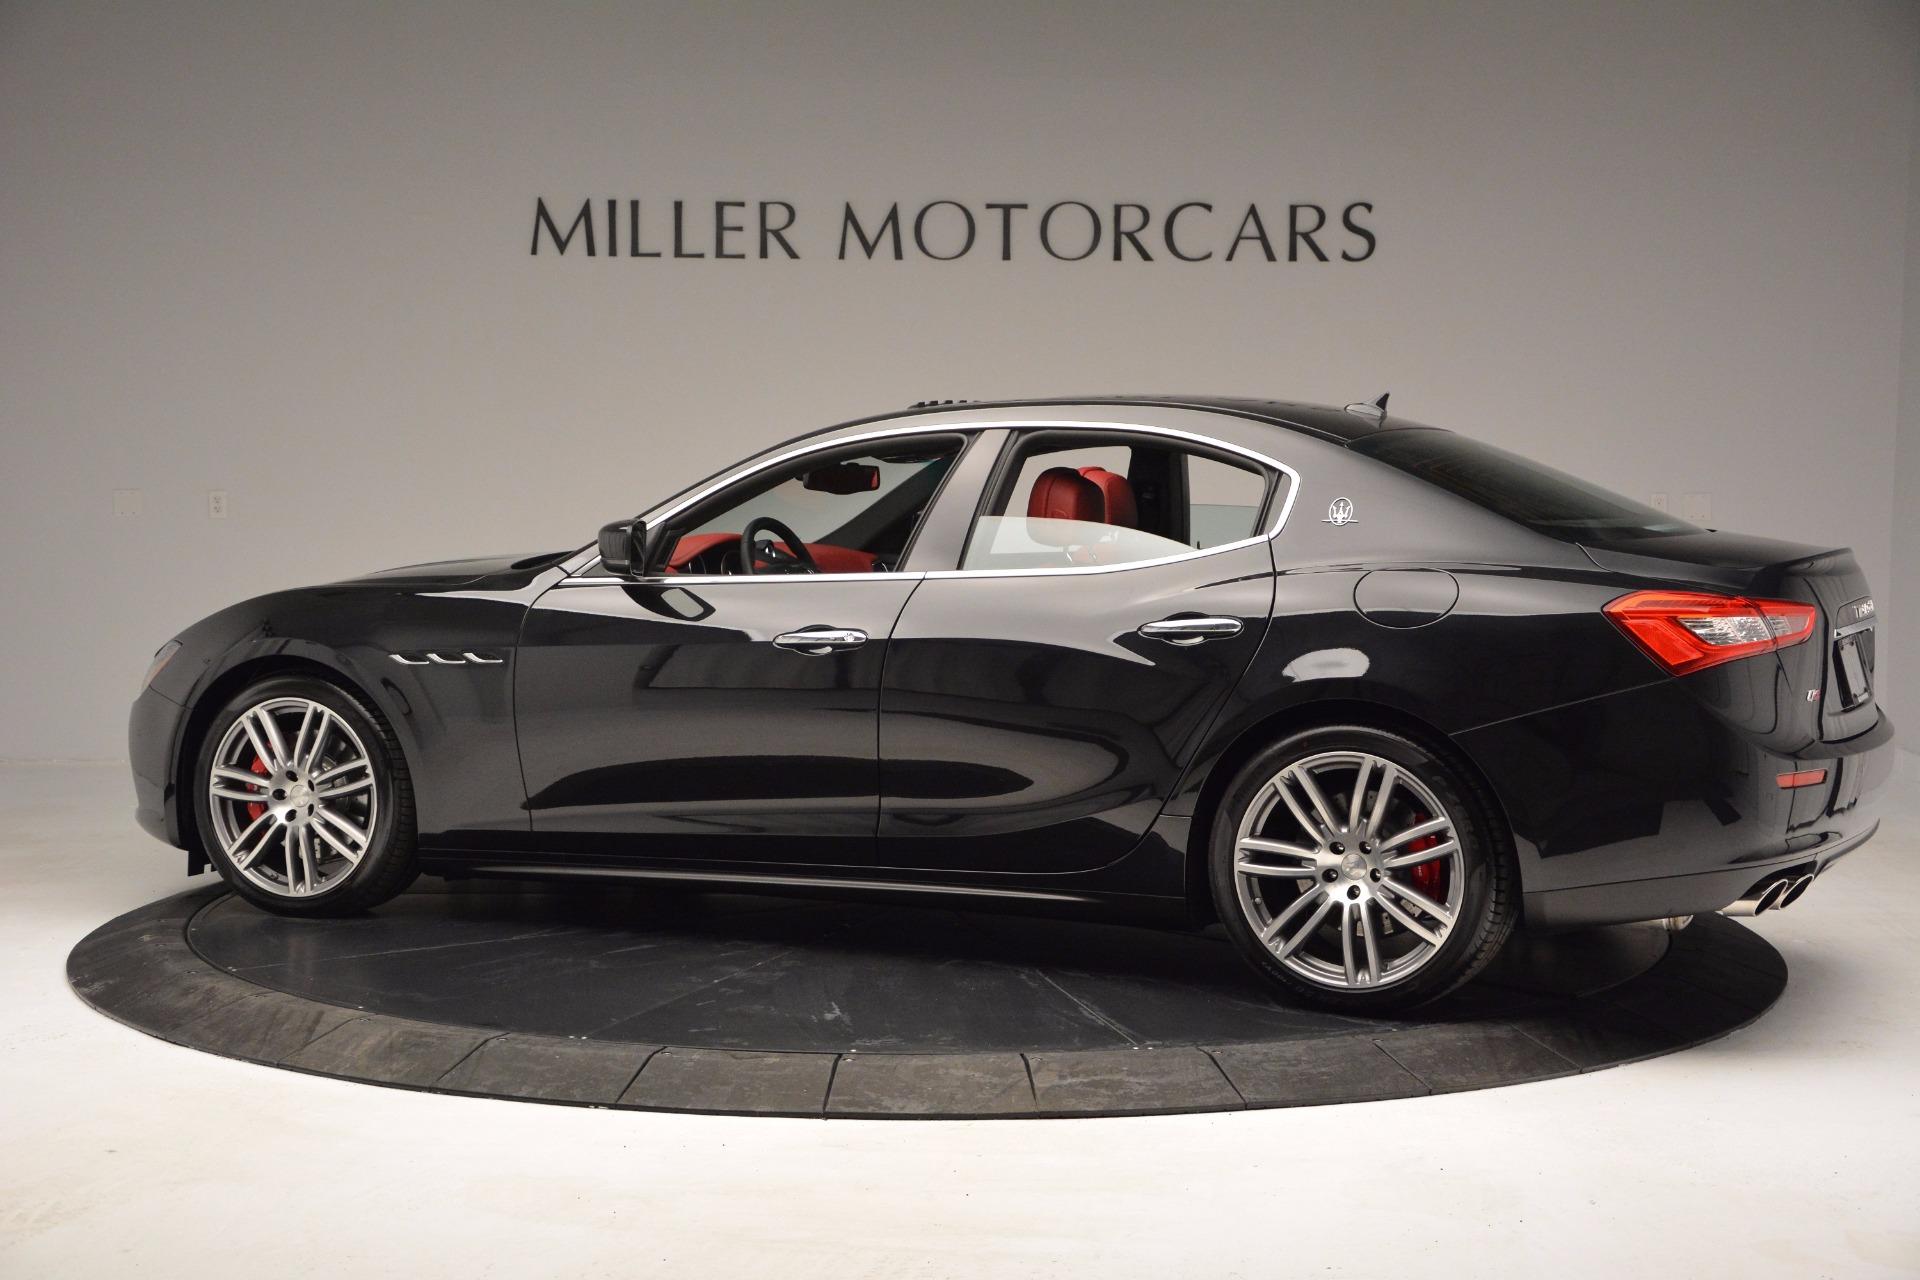 New 2017 Maserati Ghibli SQ4 For Sale In Greenwich, CT 1086_p5